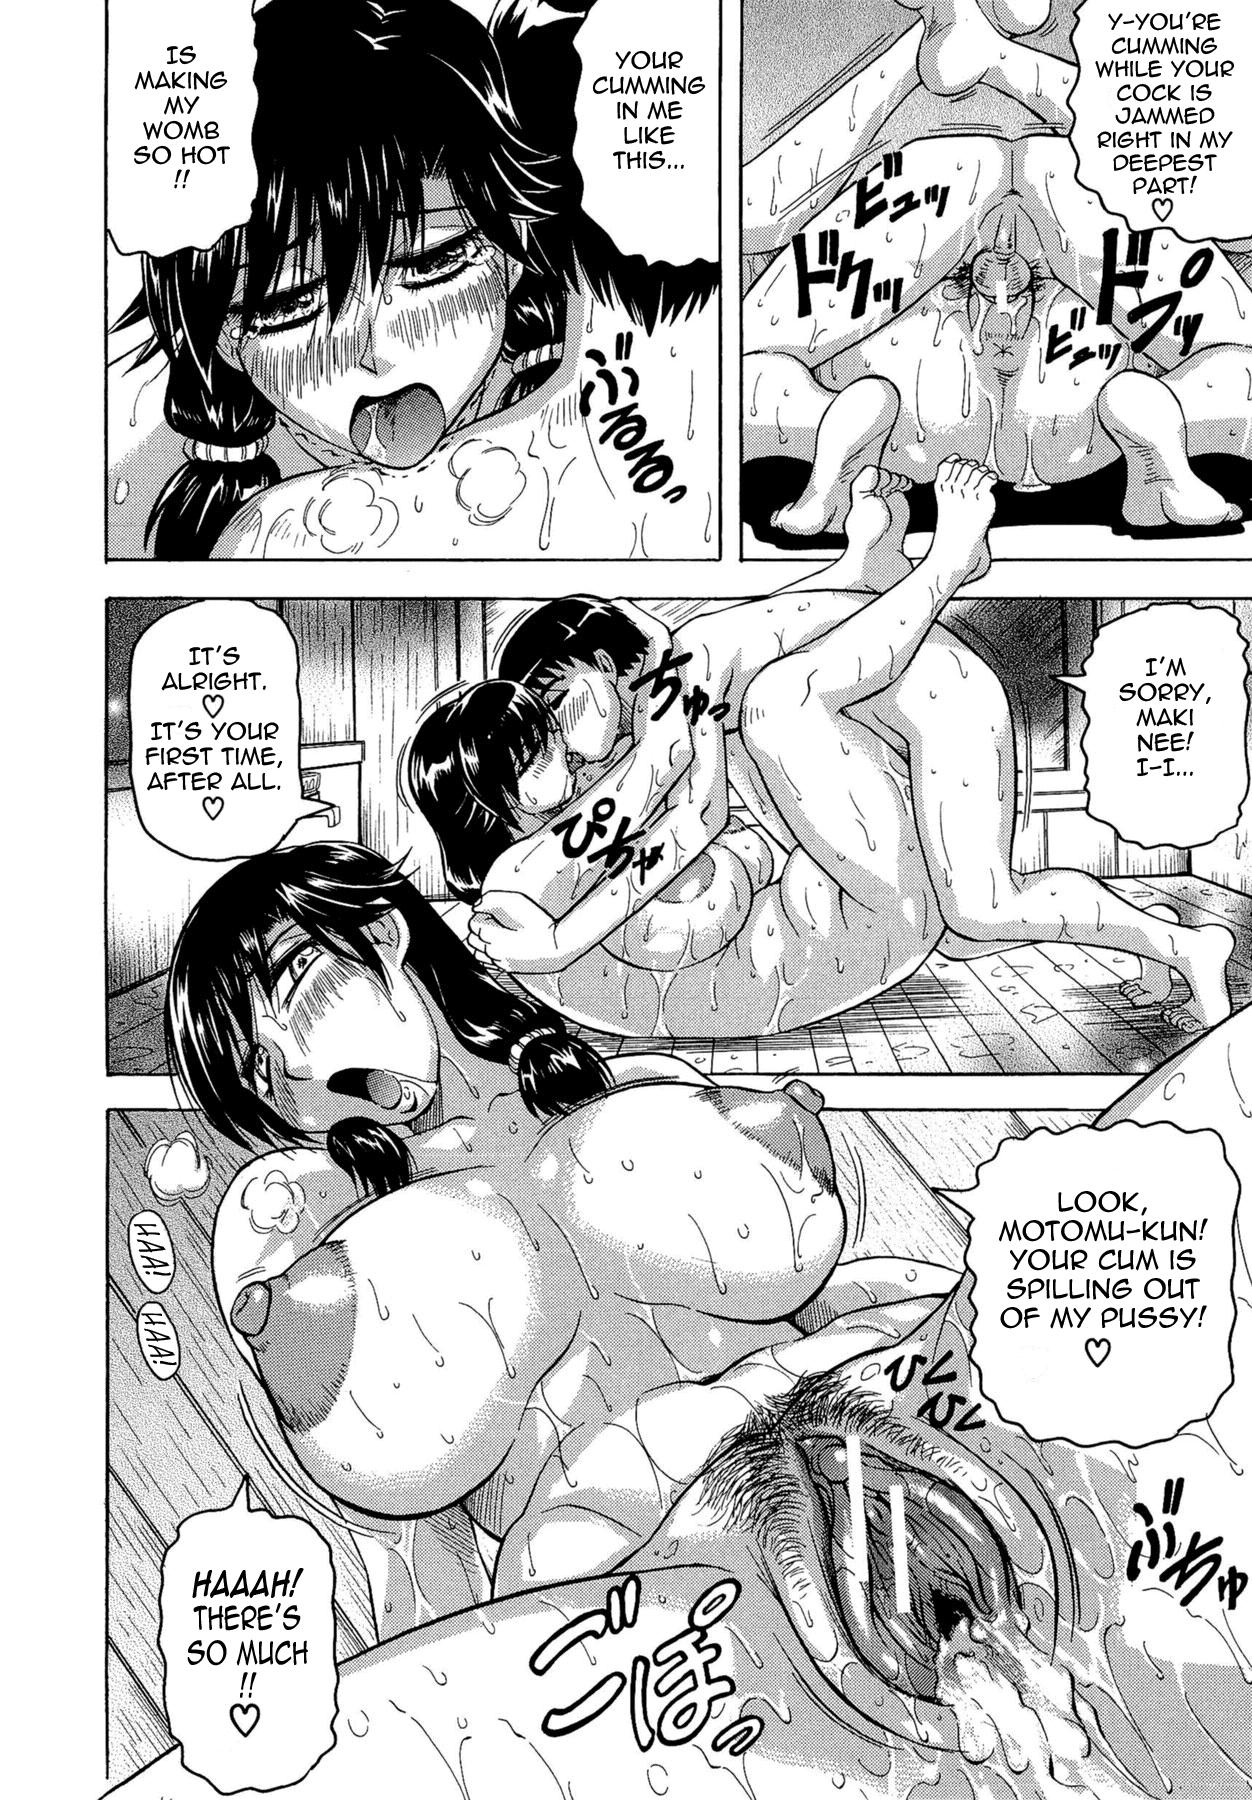 [Jamming] Koibito ha Tonari no Oneesan (Hatsujyouki) | My Lover is the Girl Next Door [English] {Tadanohito} 29